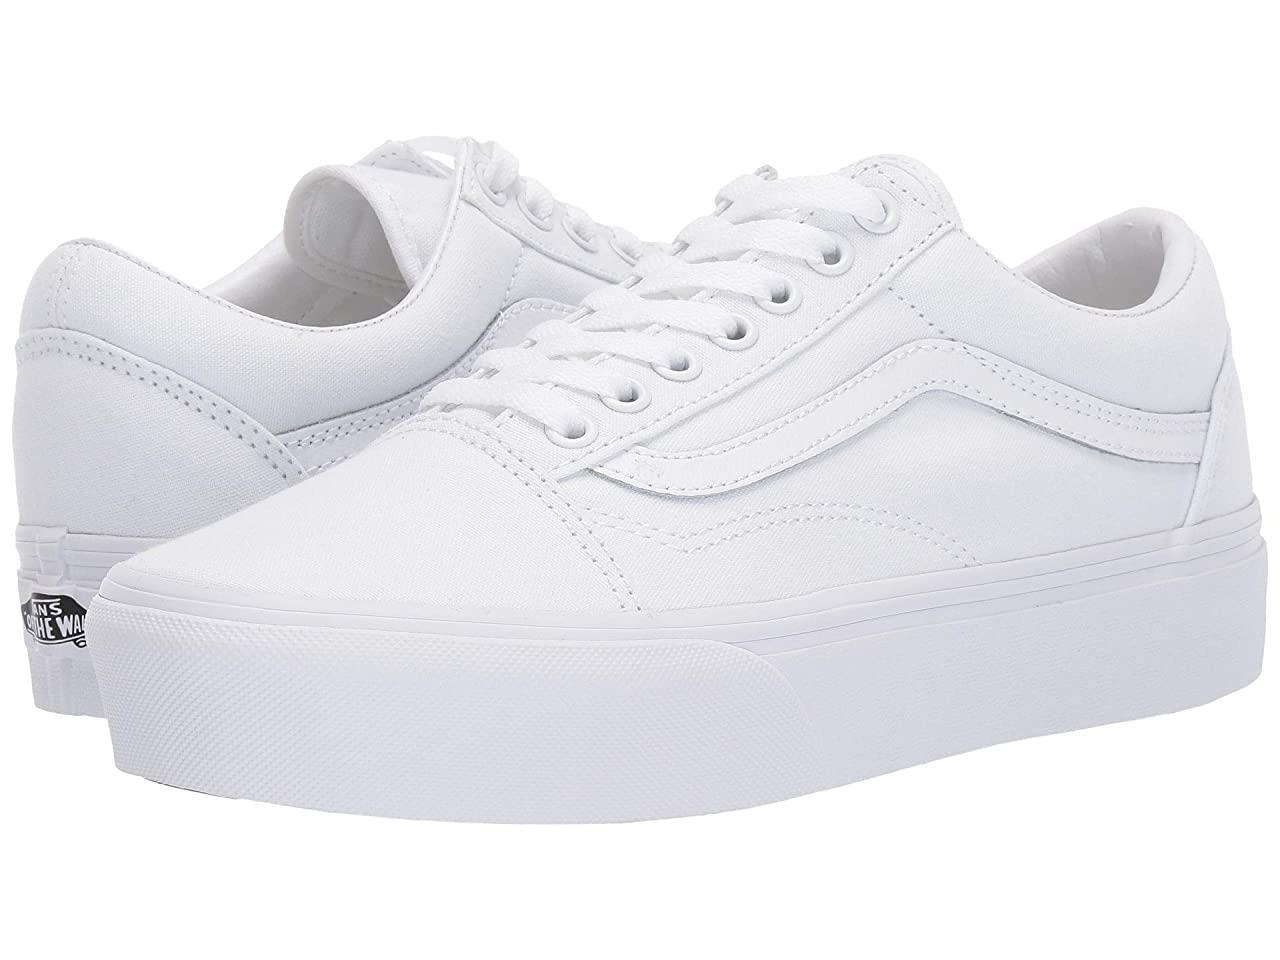 Кроссовки/Кеды (Оригинал) Vans Old Skool Platform True White